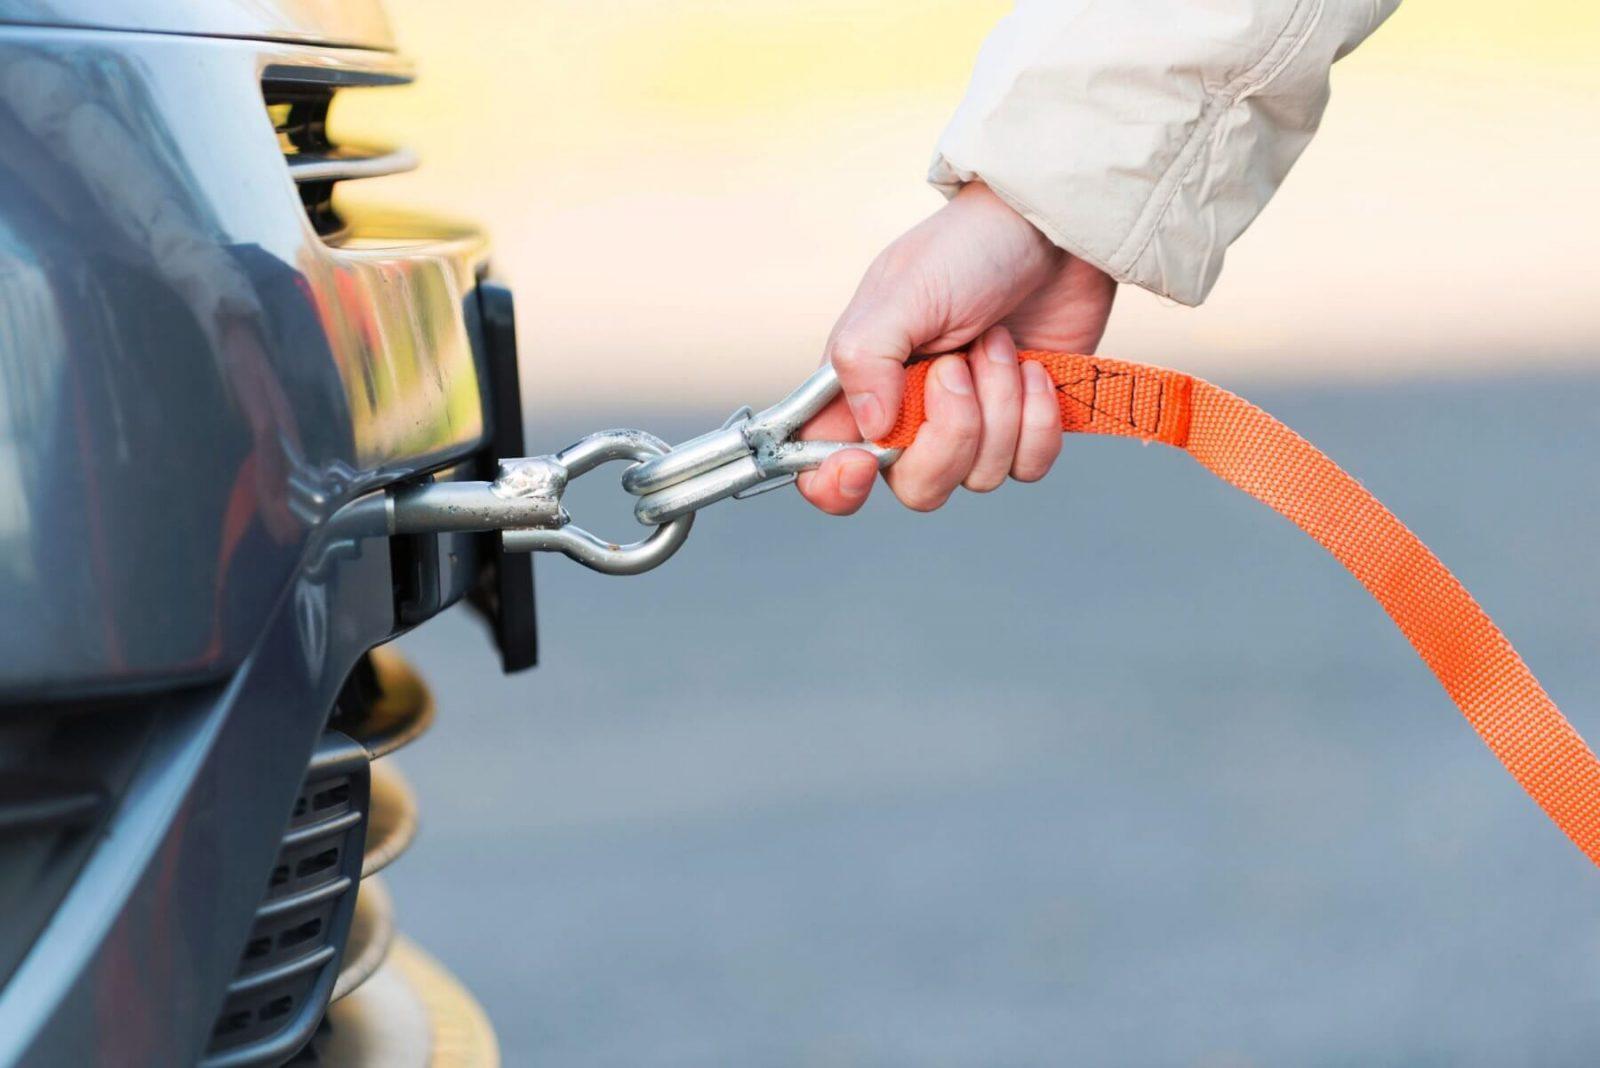 Bezpieczne holowanie samochodu warszawa laweta pomoc drogowa